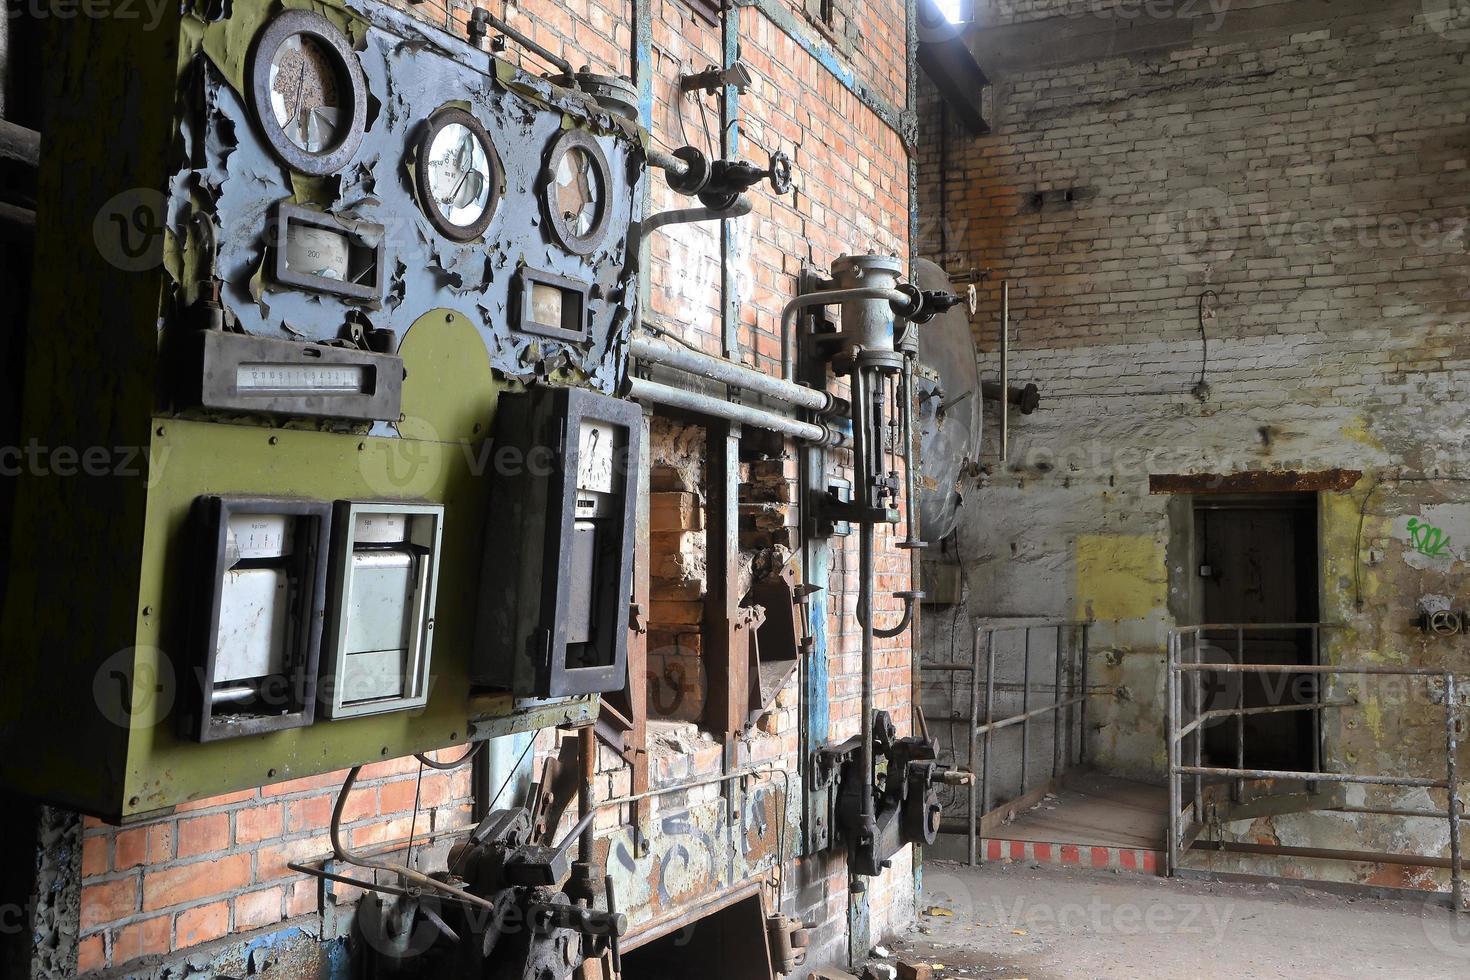 locale caldaia in una fabbrica foto